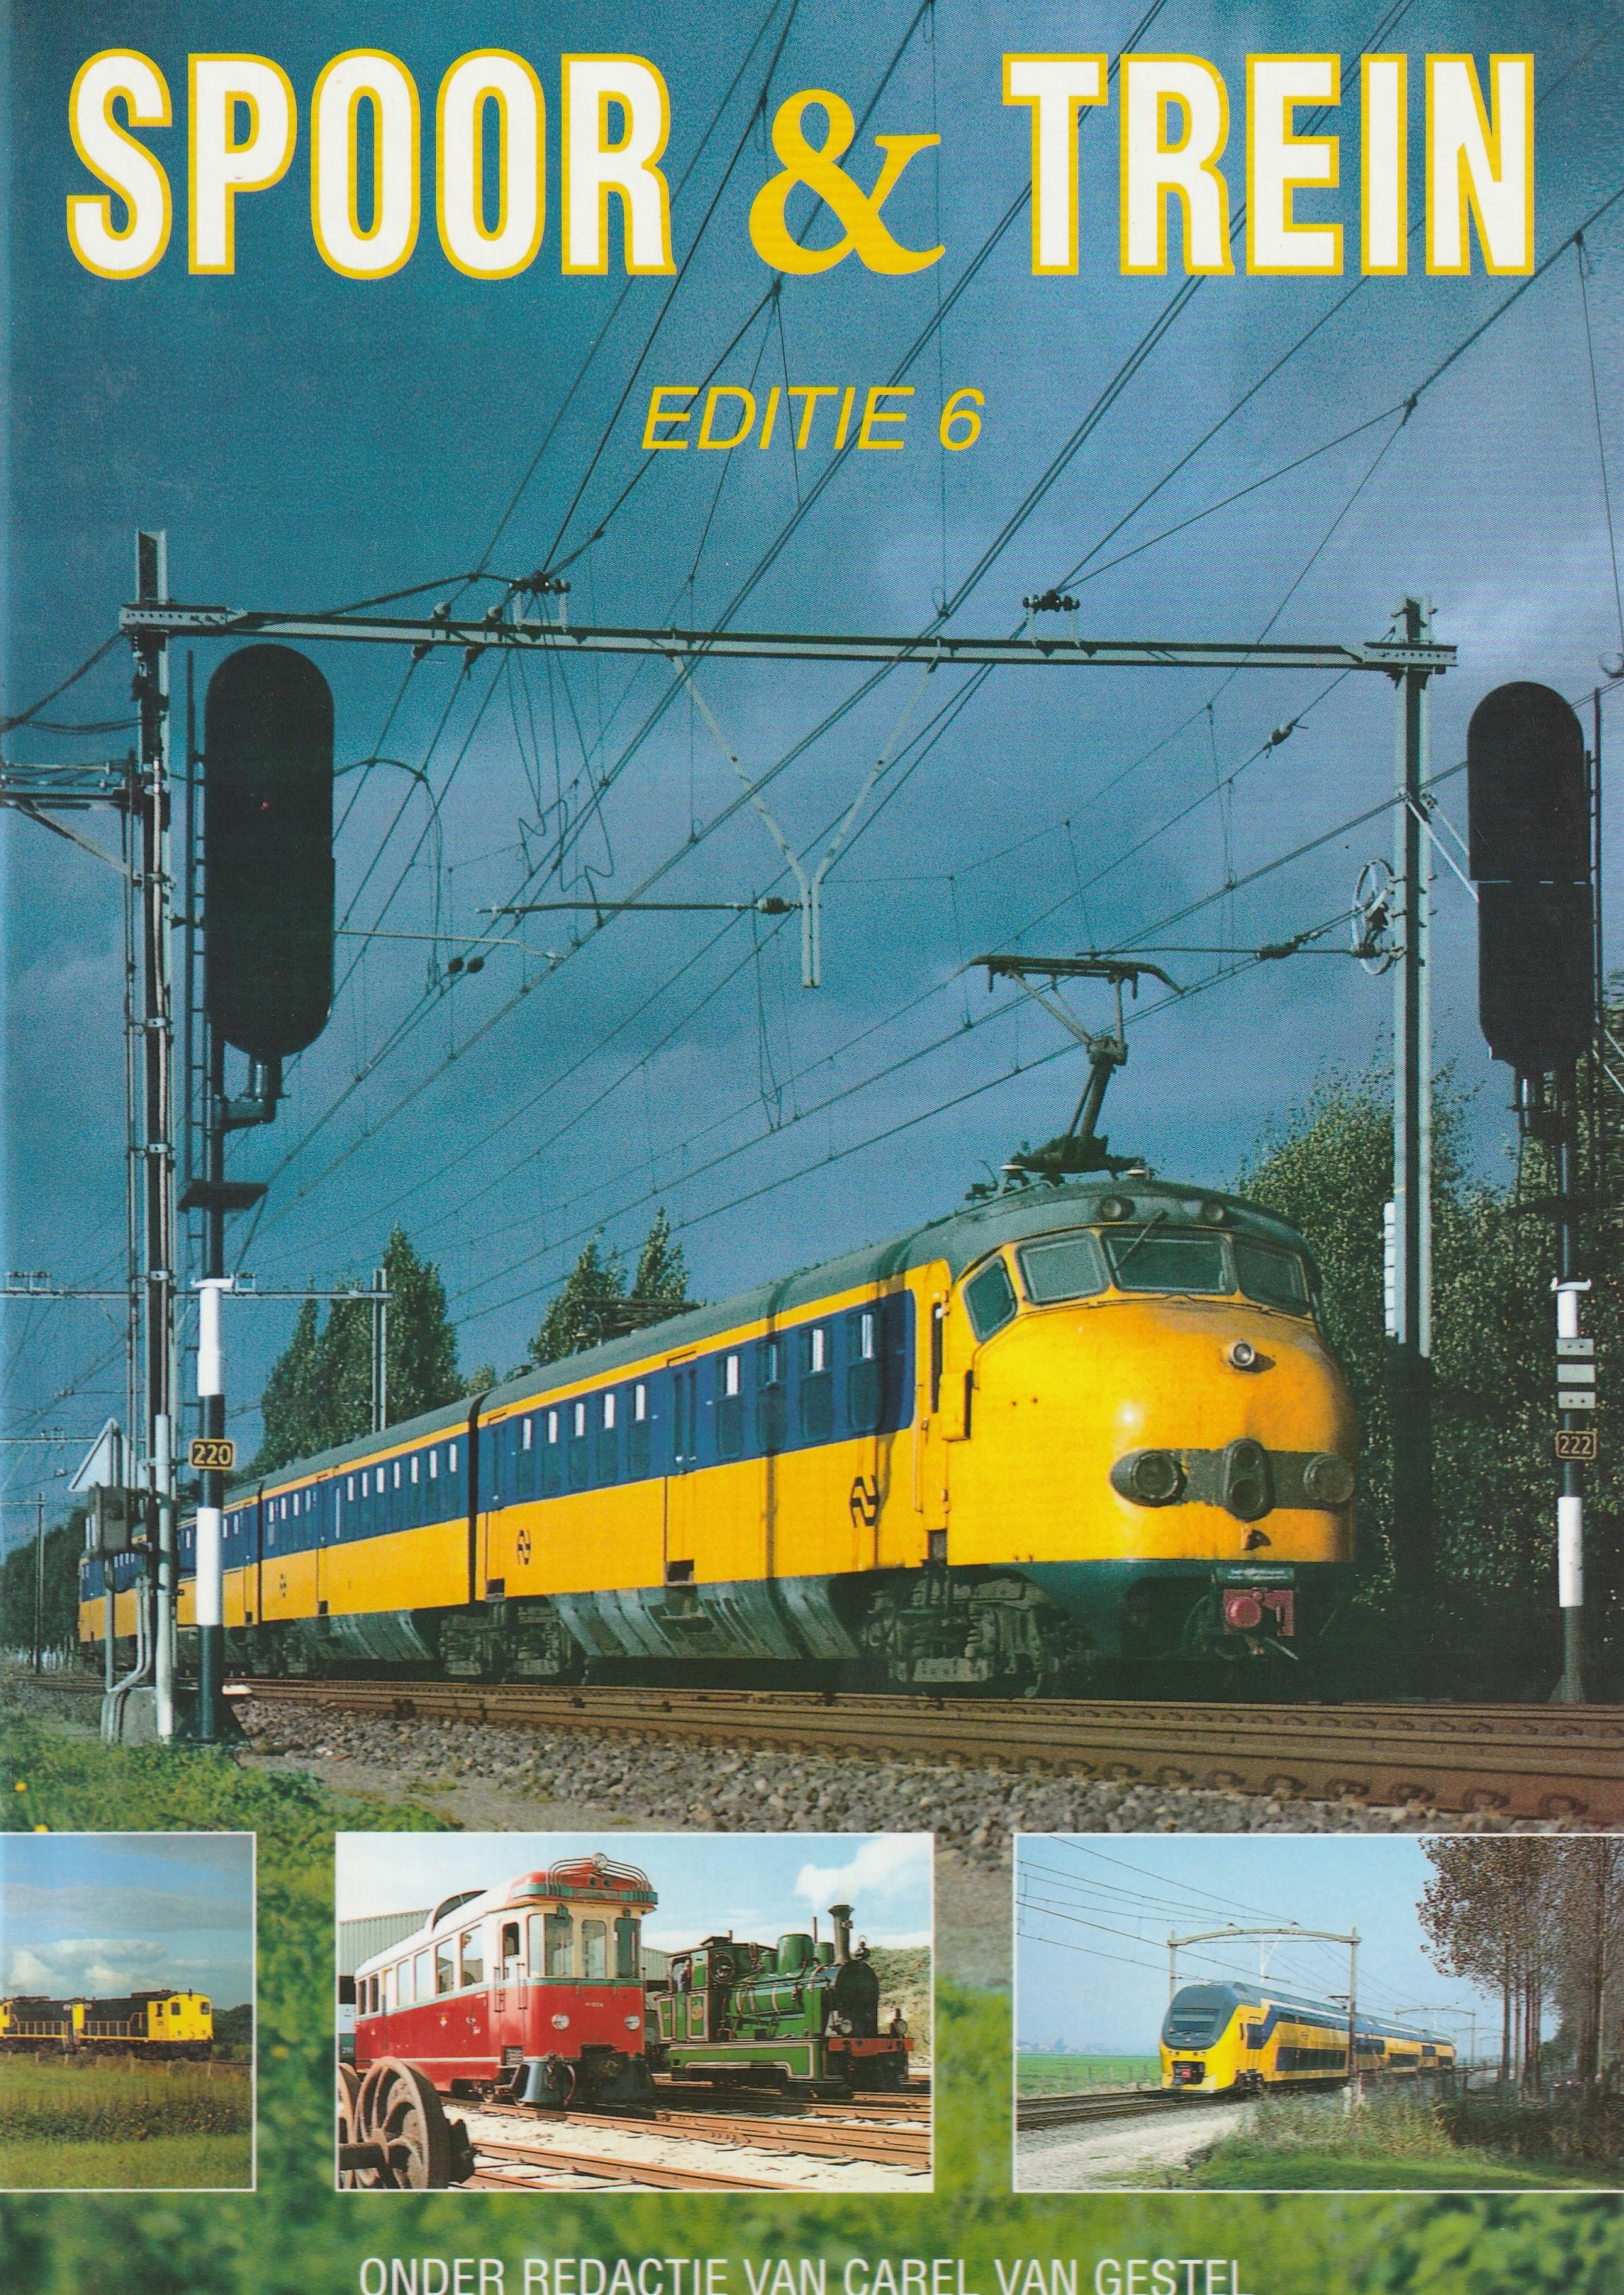 Spoor & Trein 6